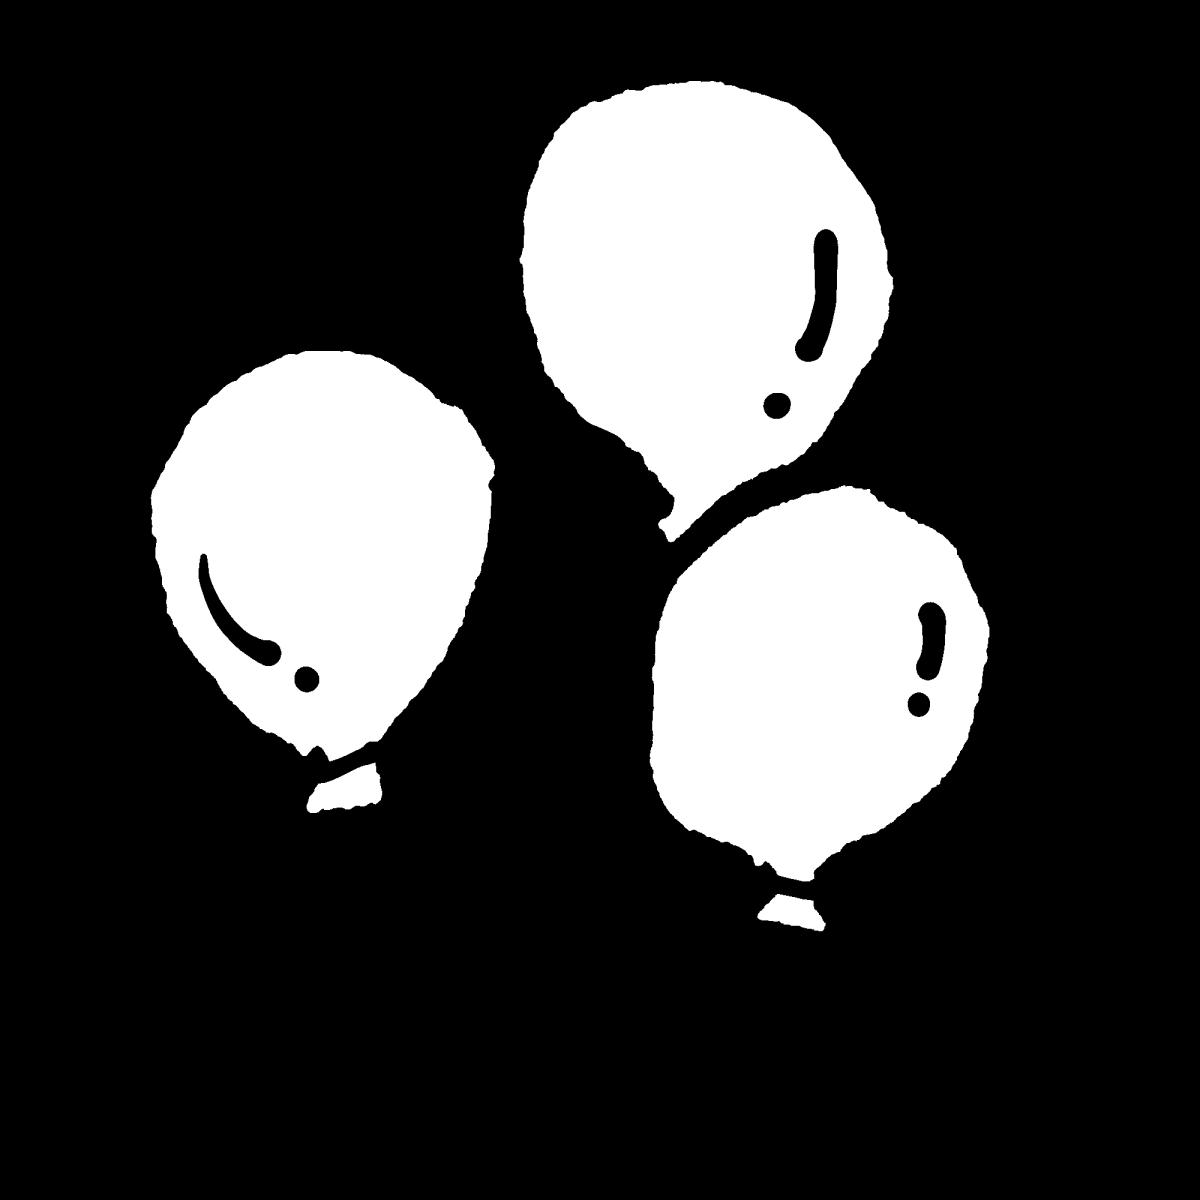 風船たち(2種)のイラスト Balloons (2kinds)  Illustration